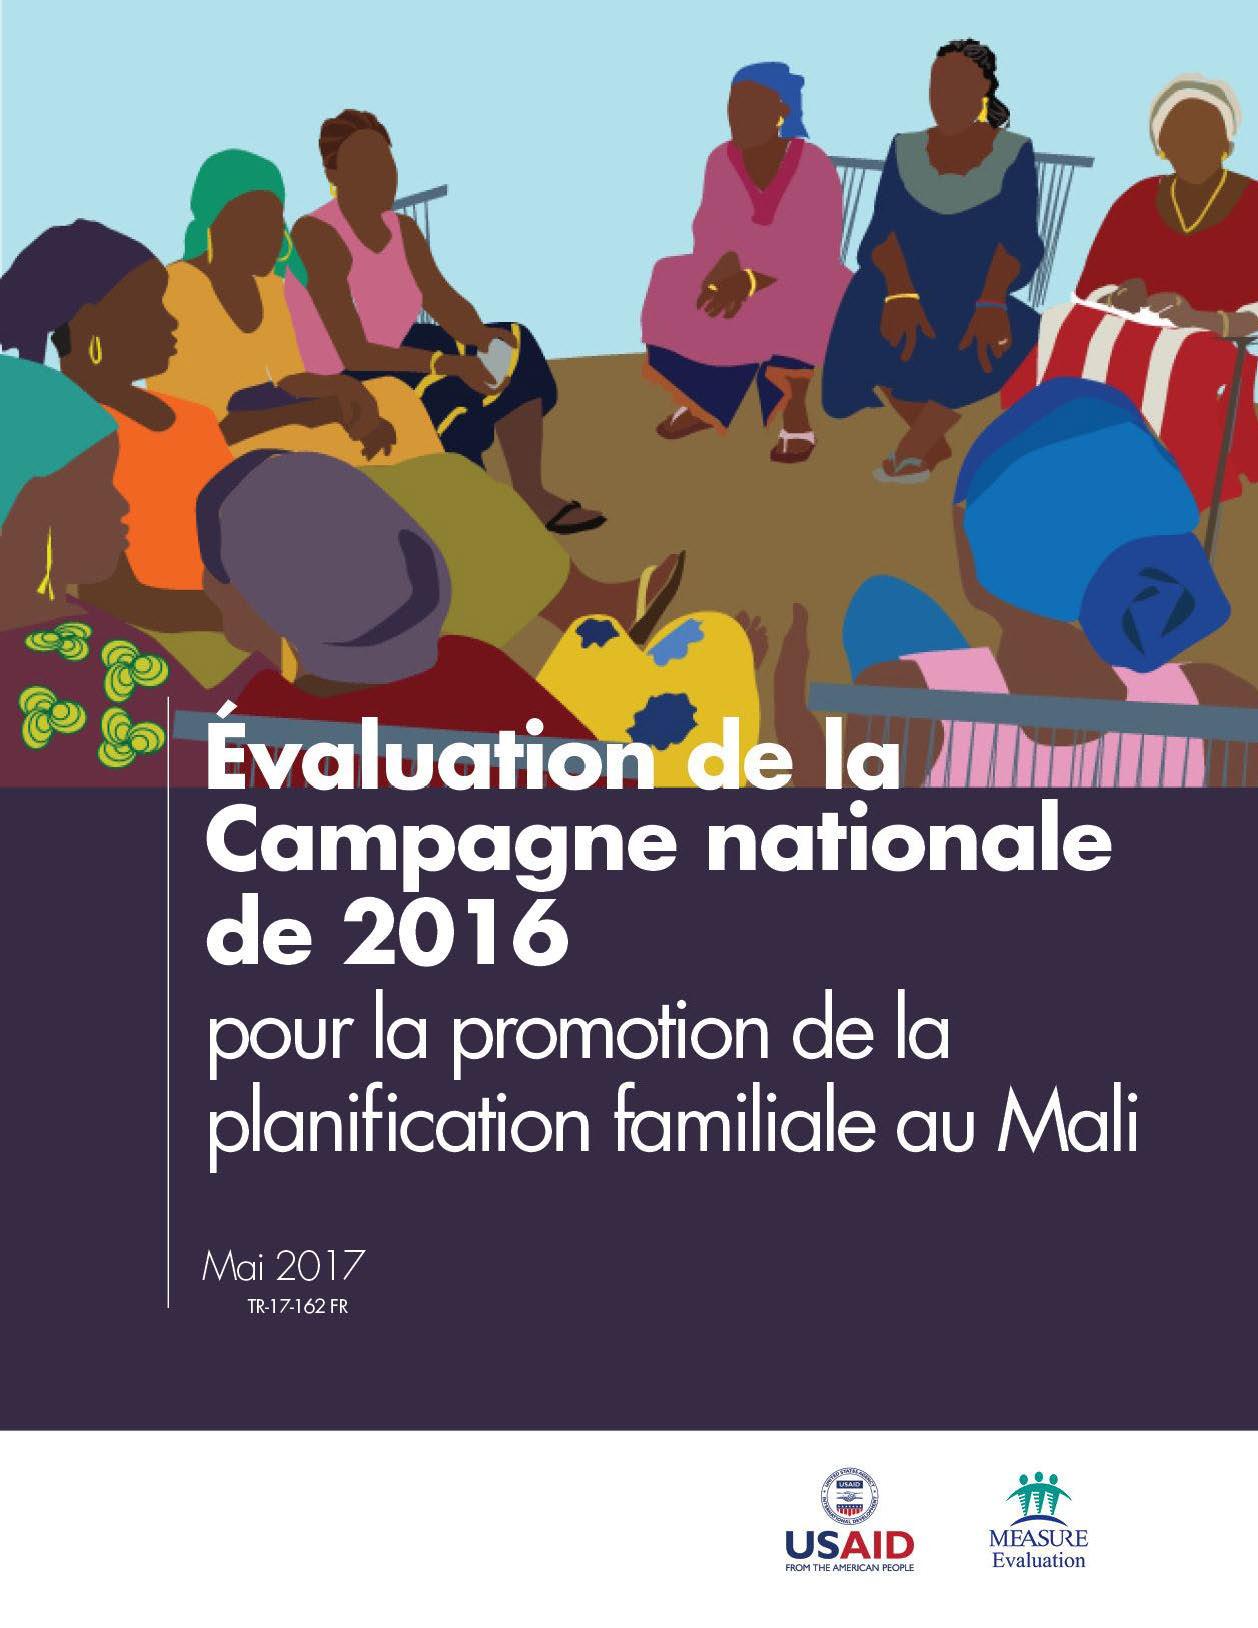 Evaluation de la Campagne nationale de 2016 pour la promotion de la planification familiale au Mali